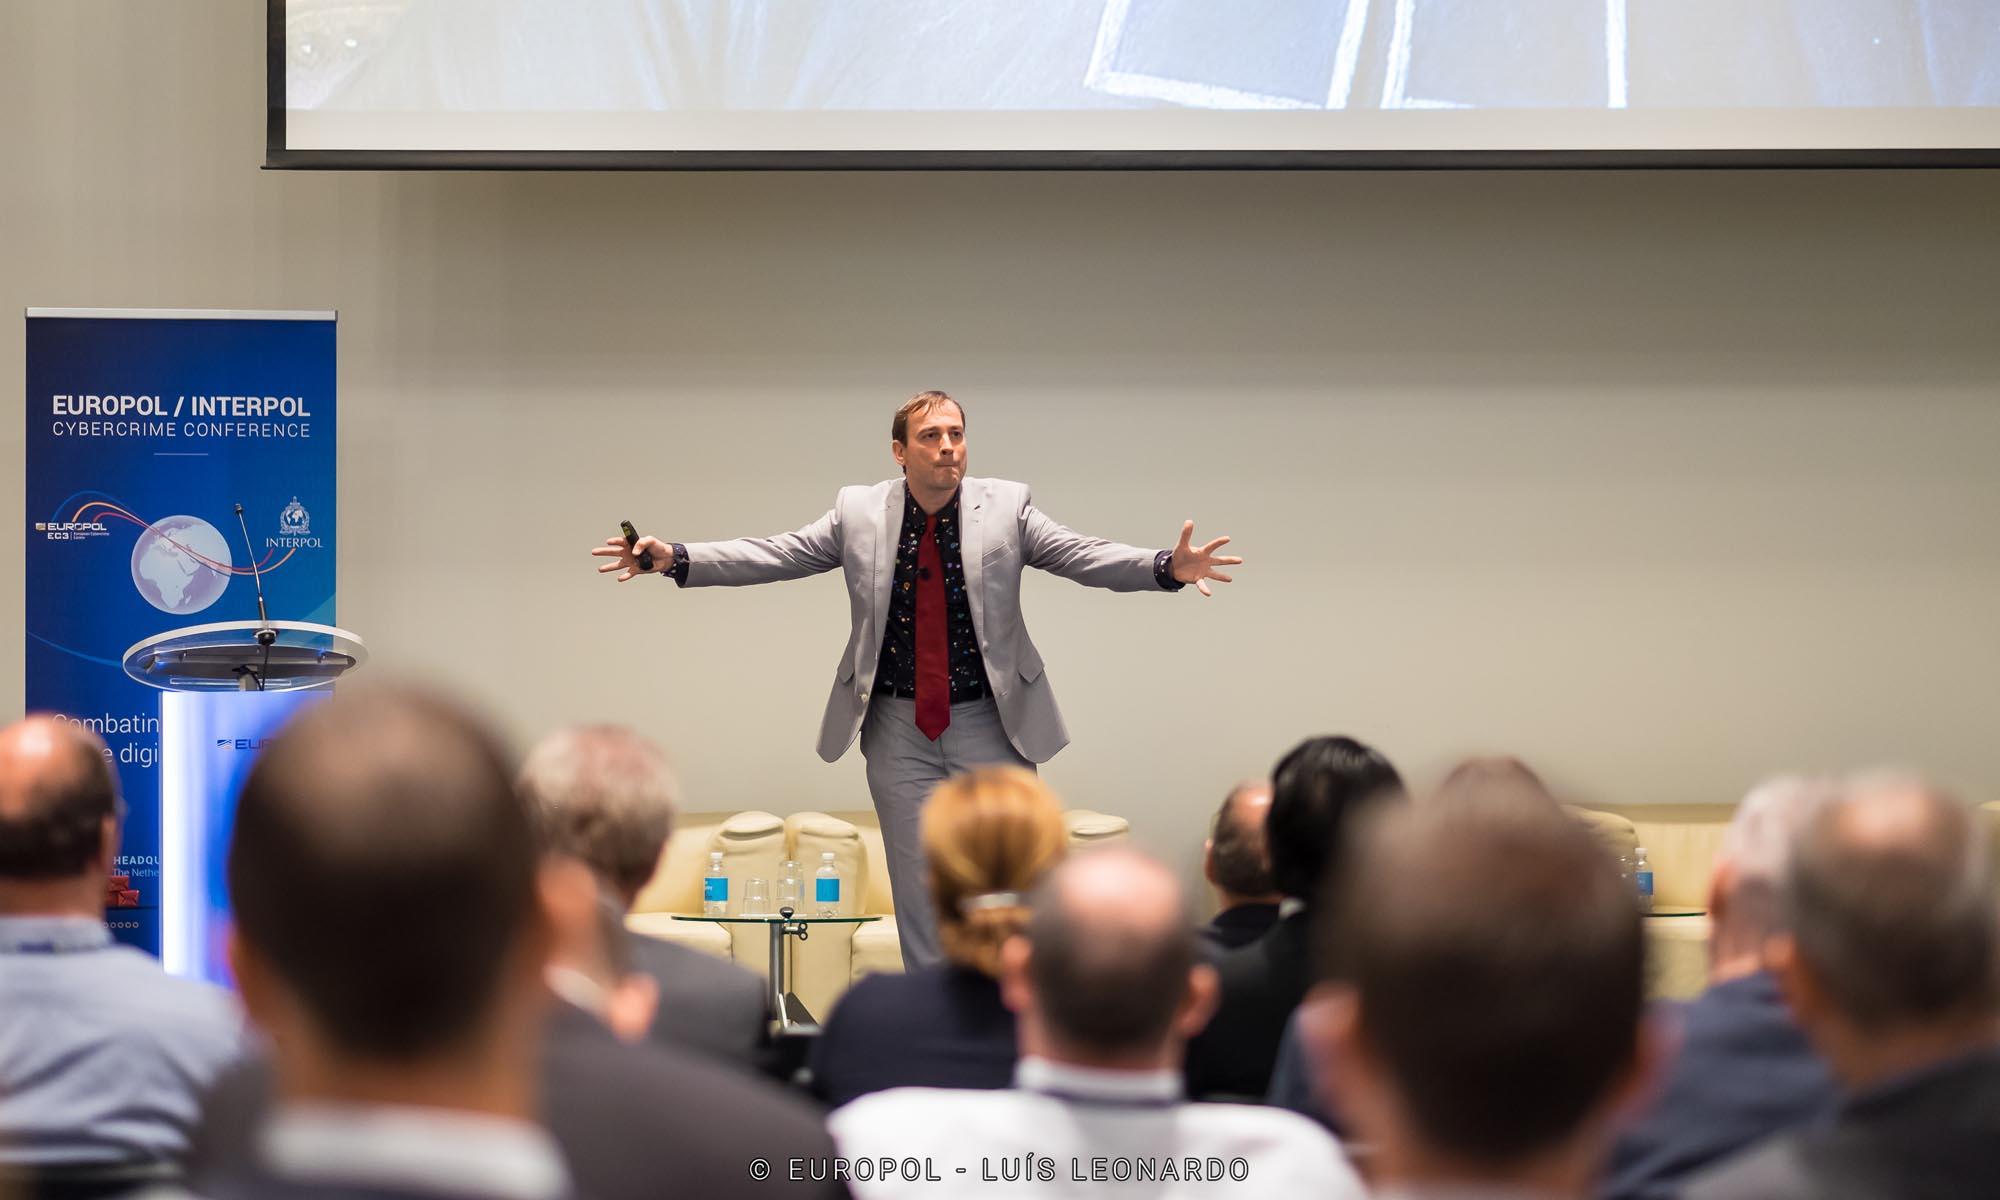 Speaking at Europol